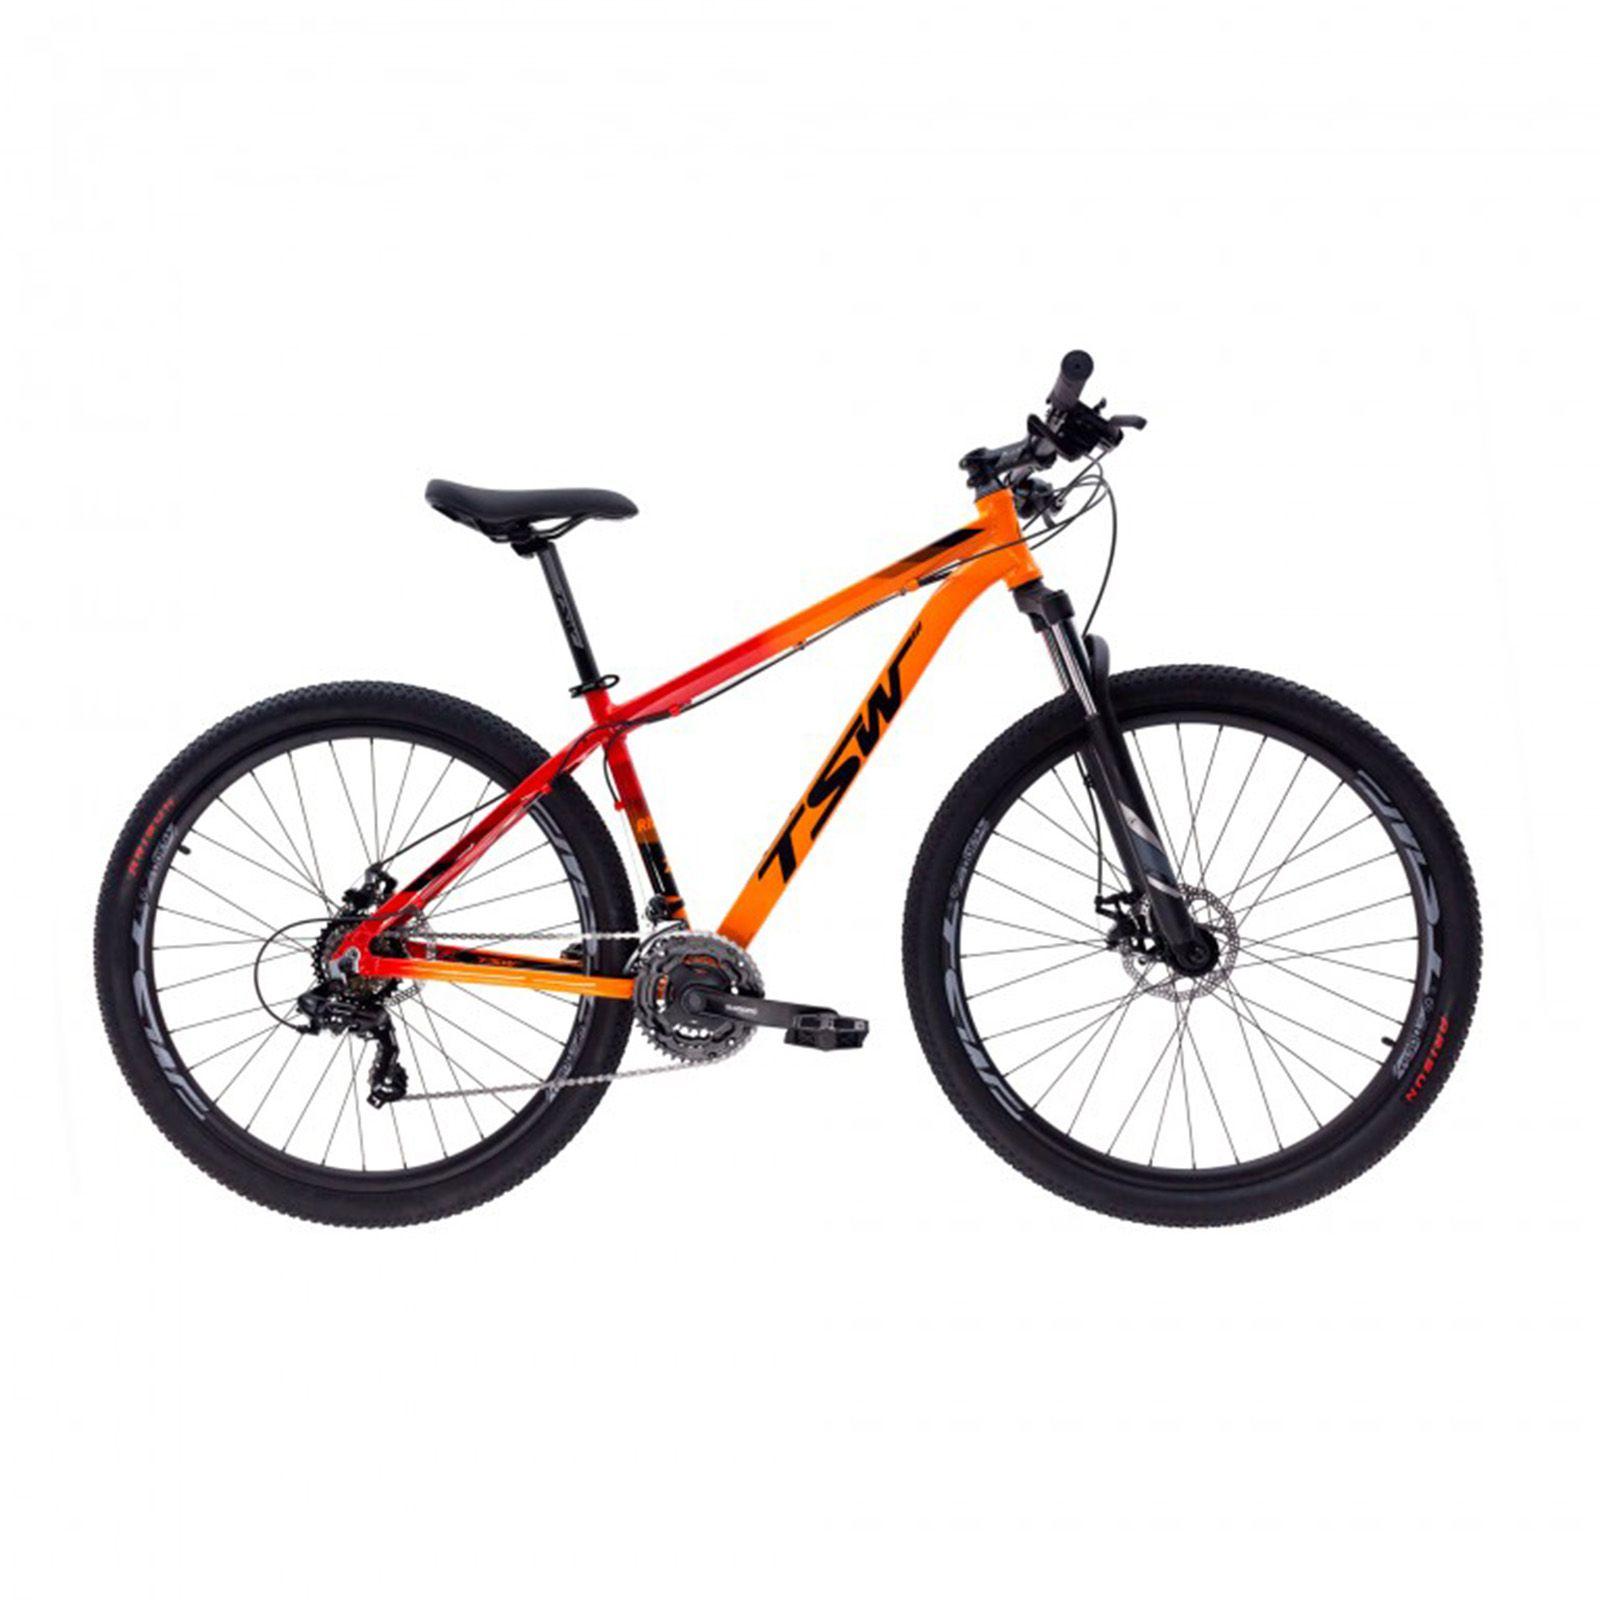 Bicicleta Aro 29 TSW Ride Laranja/Vermelho  21v Shimano Freio a Disco